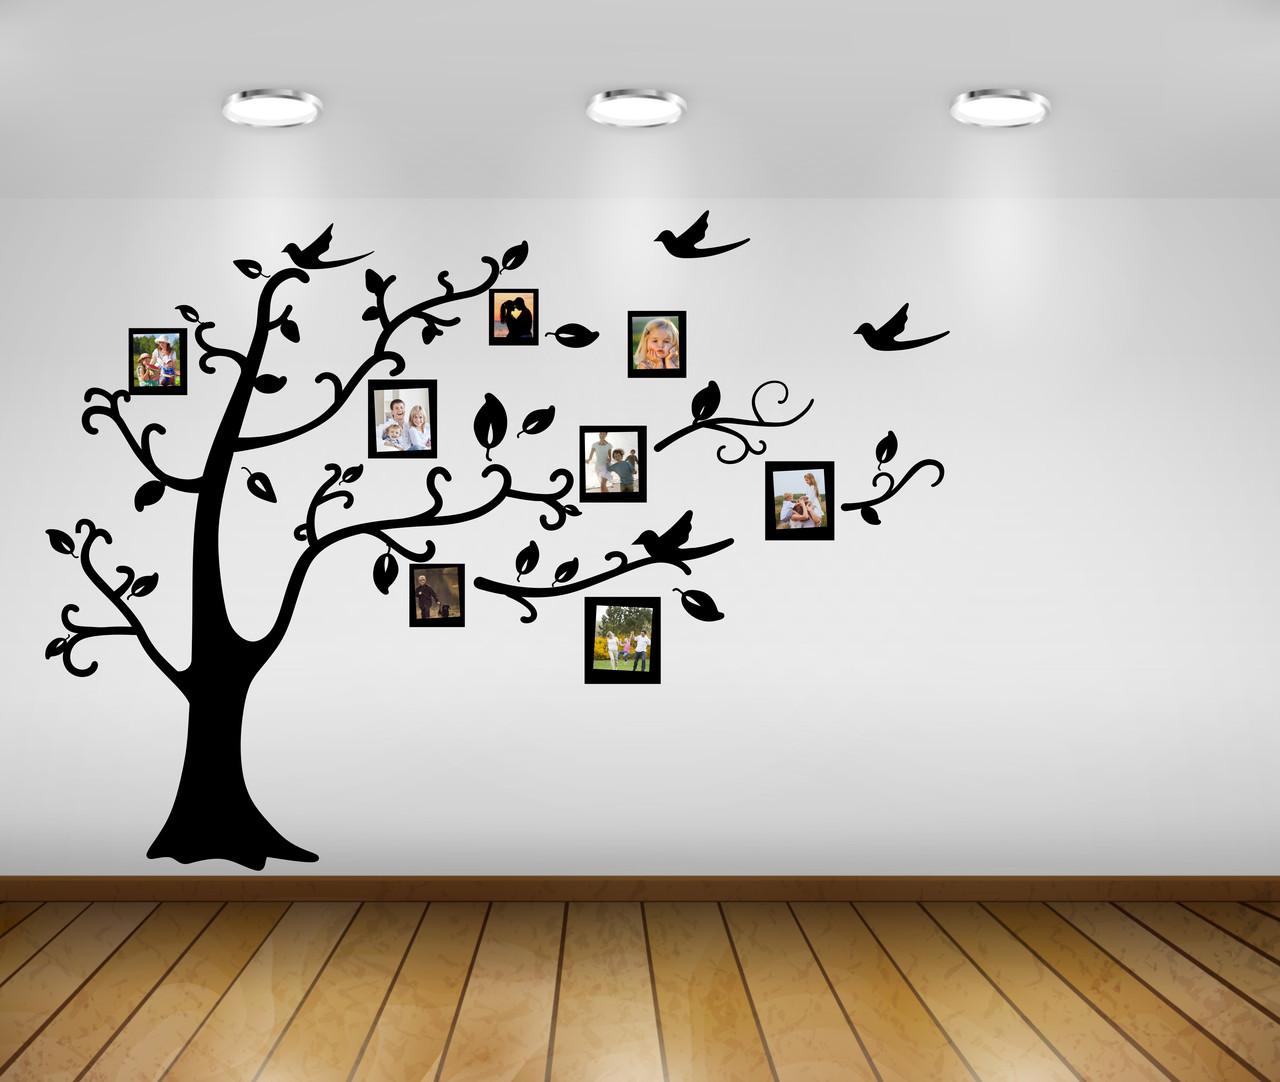 Как своими руками сделать генеалогическое дерево своими руками фото 237